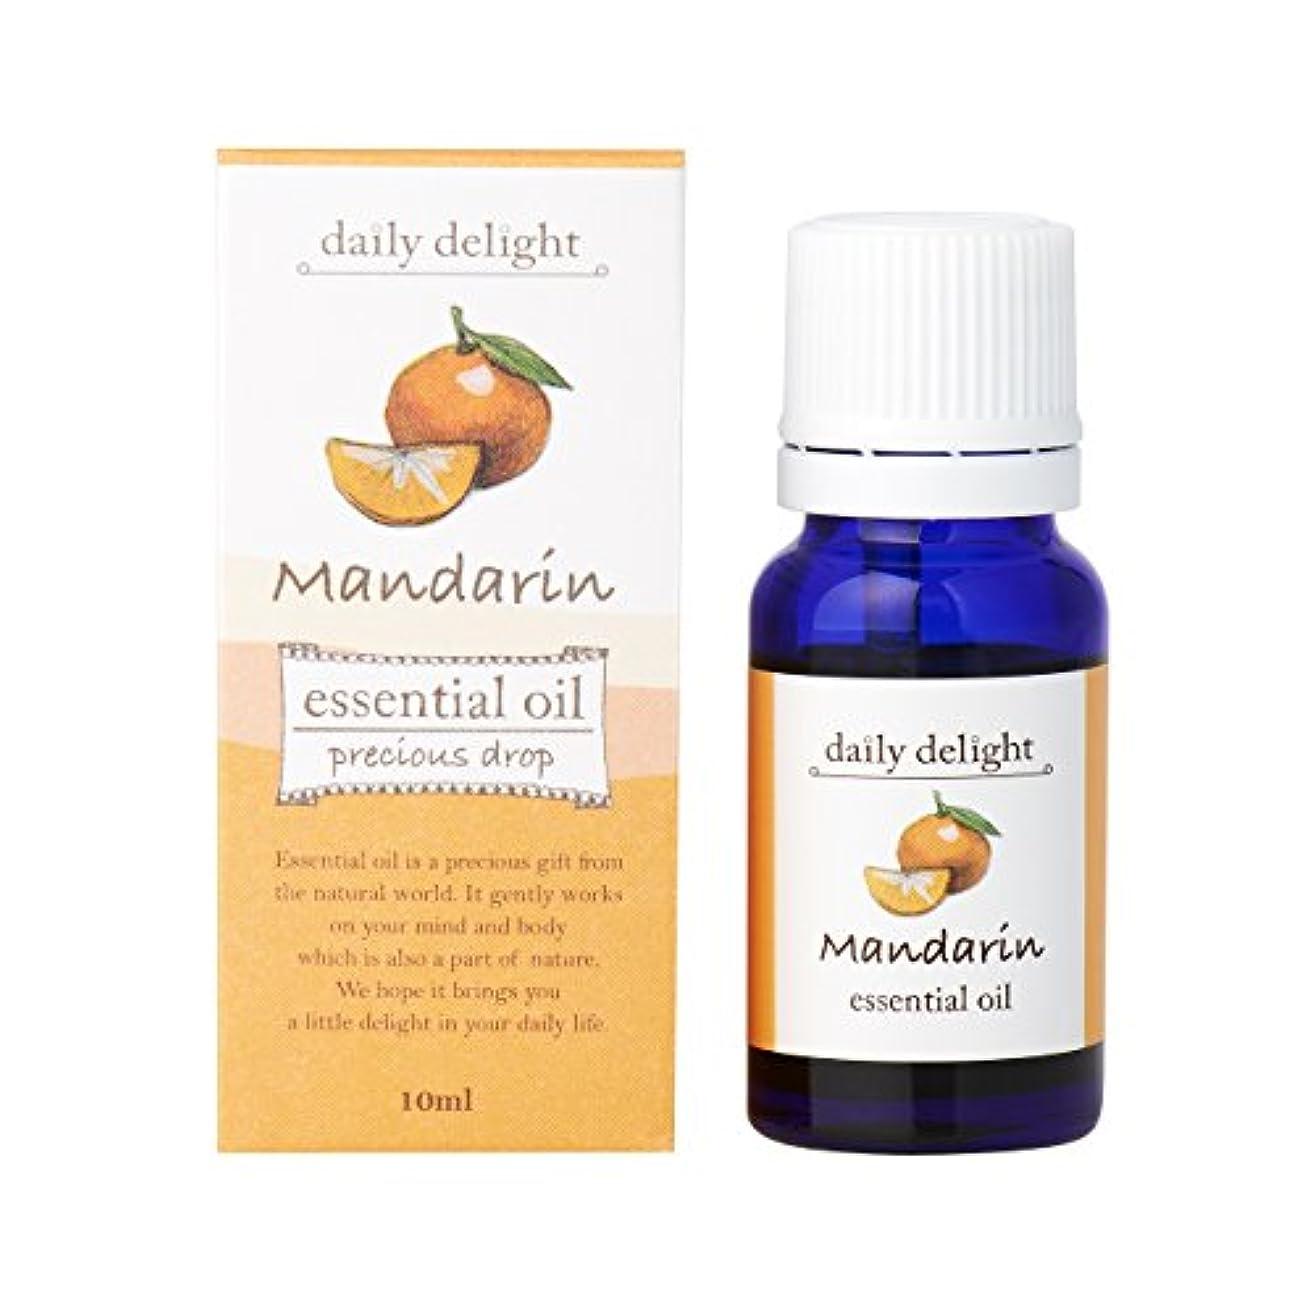 おじさん練習した慢なデイリーディライト エッセンシャルオイル  マンダリン 10ml(天然100% 精油 アロマ 柑橘系 オレンジに似ているがより穏やかで落ち着いた印象の香り)